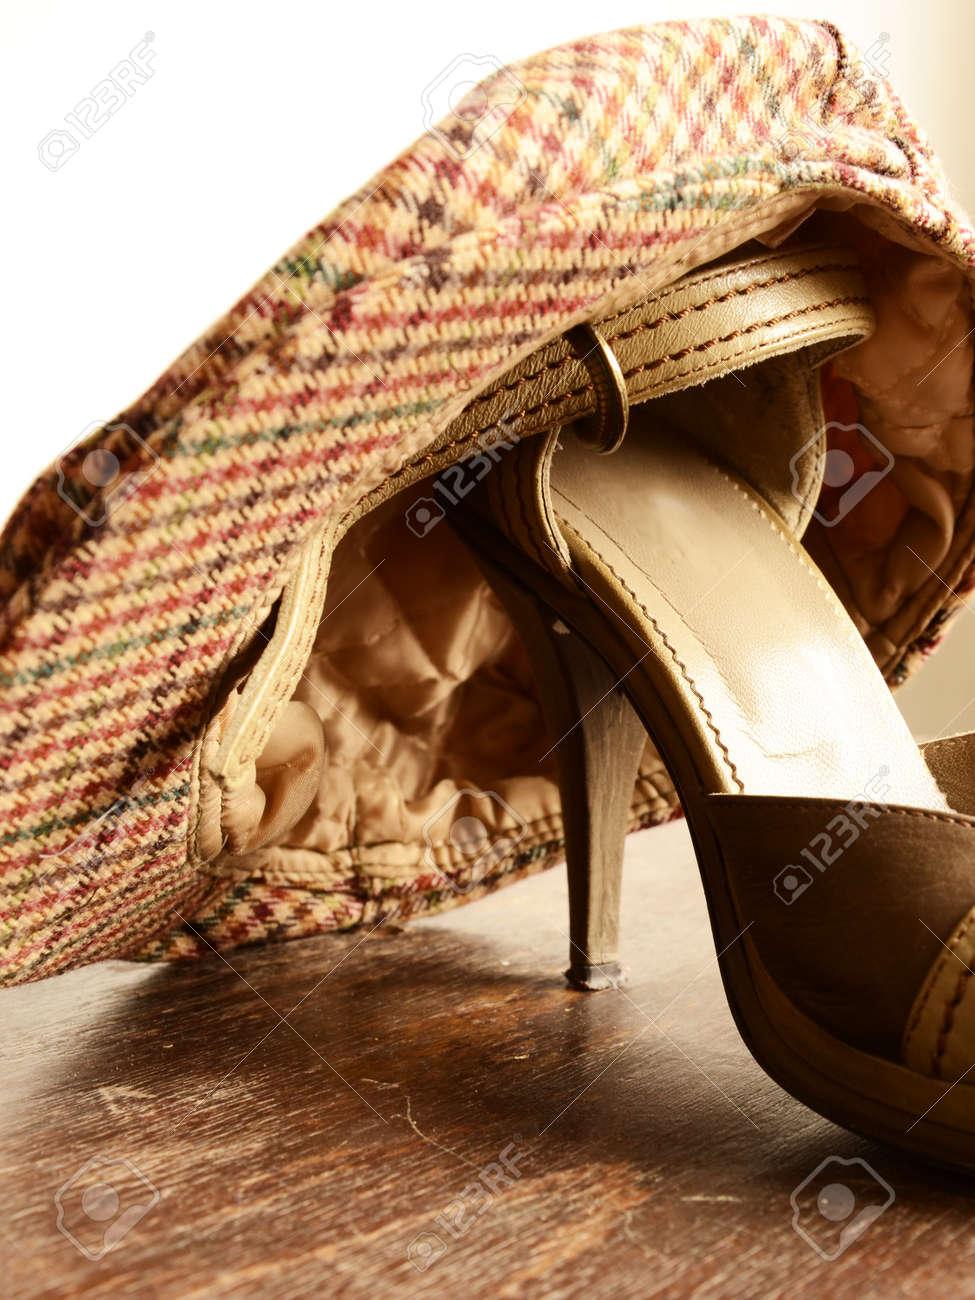 5dbbff84fb50 Banque d images - Belles chaussures de femme et un chapeau. Classique  chaussures de design et d accessoires